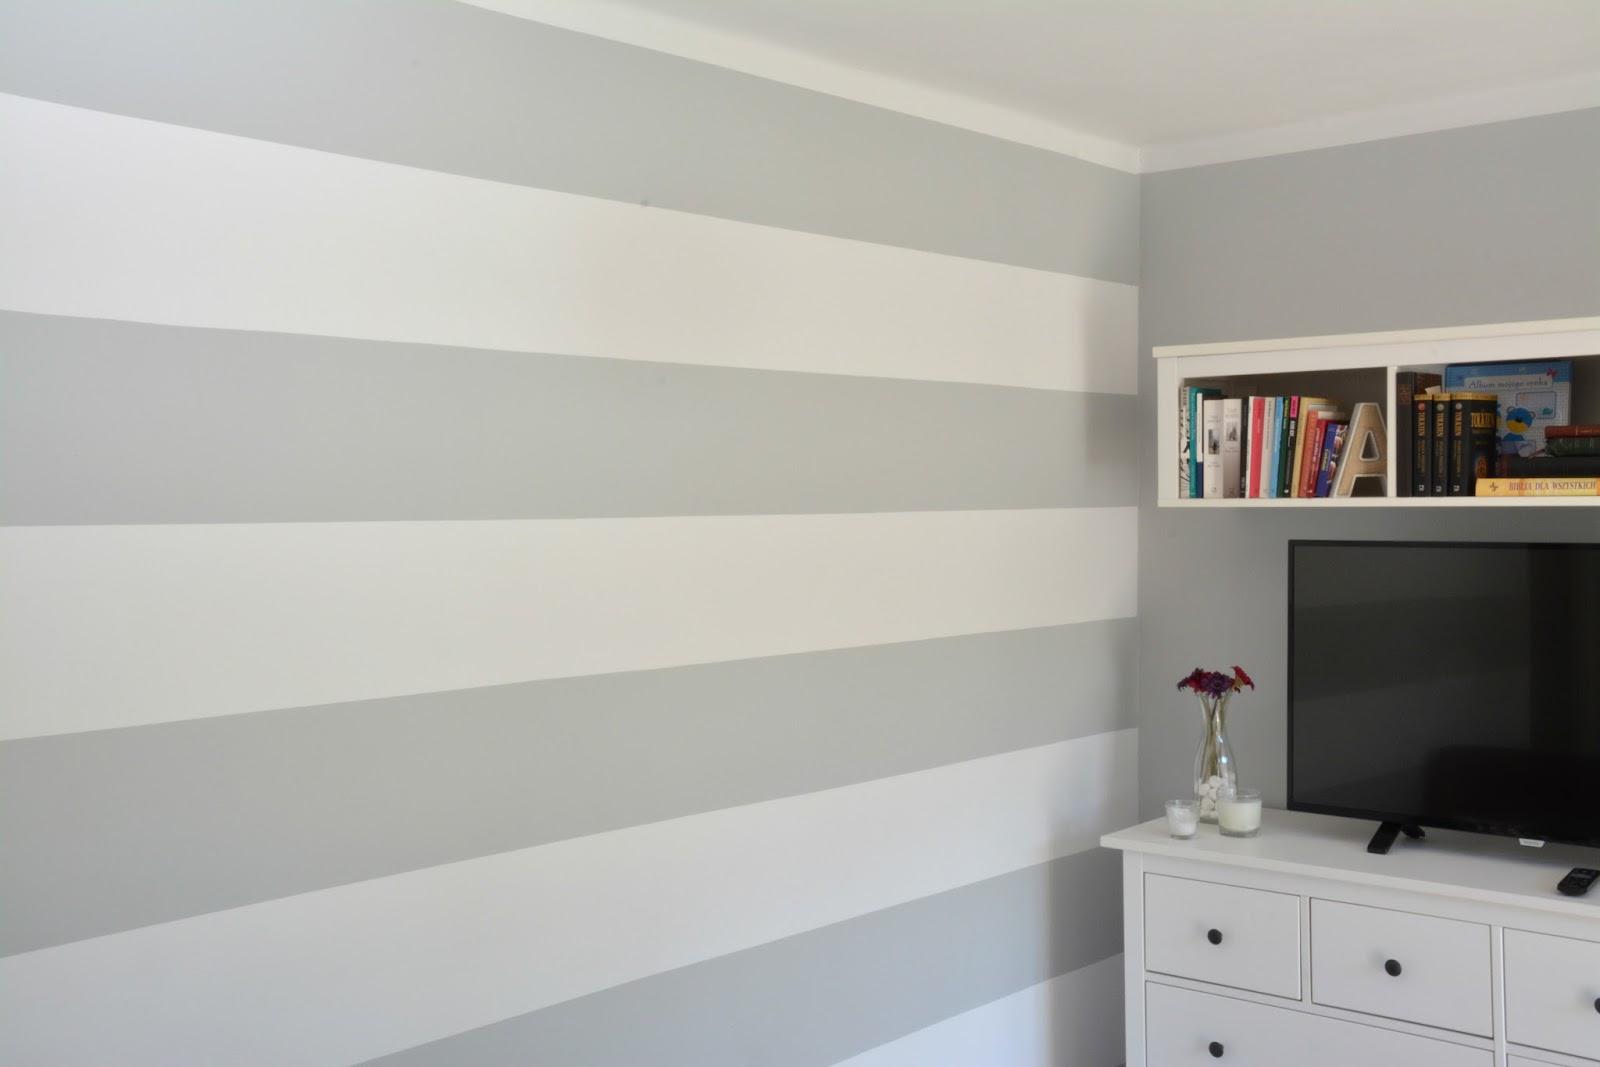 ściana dekoracyjna w salonie paski białe i szare